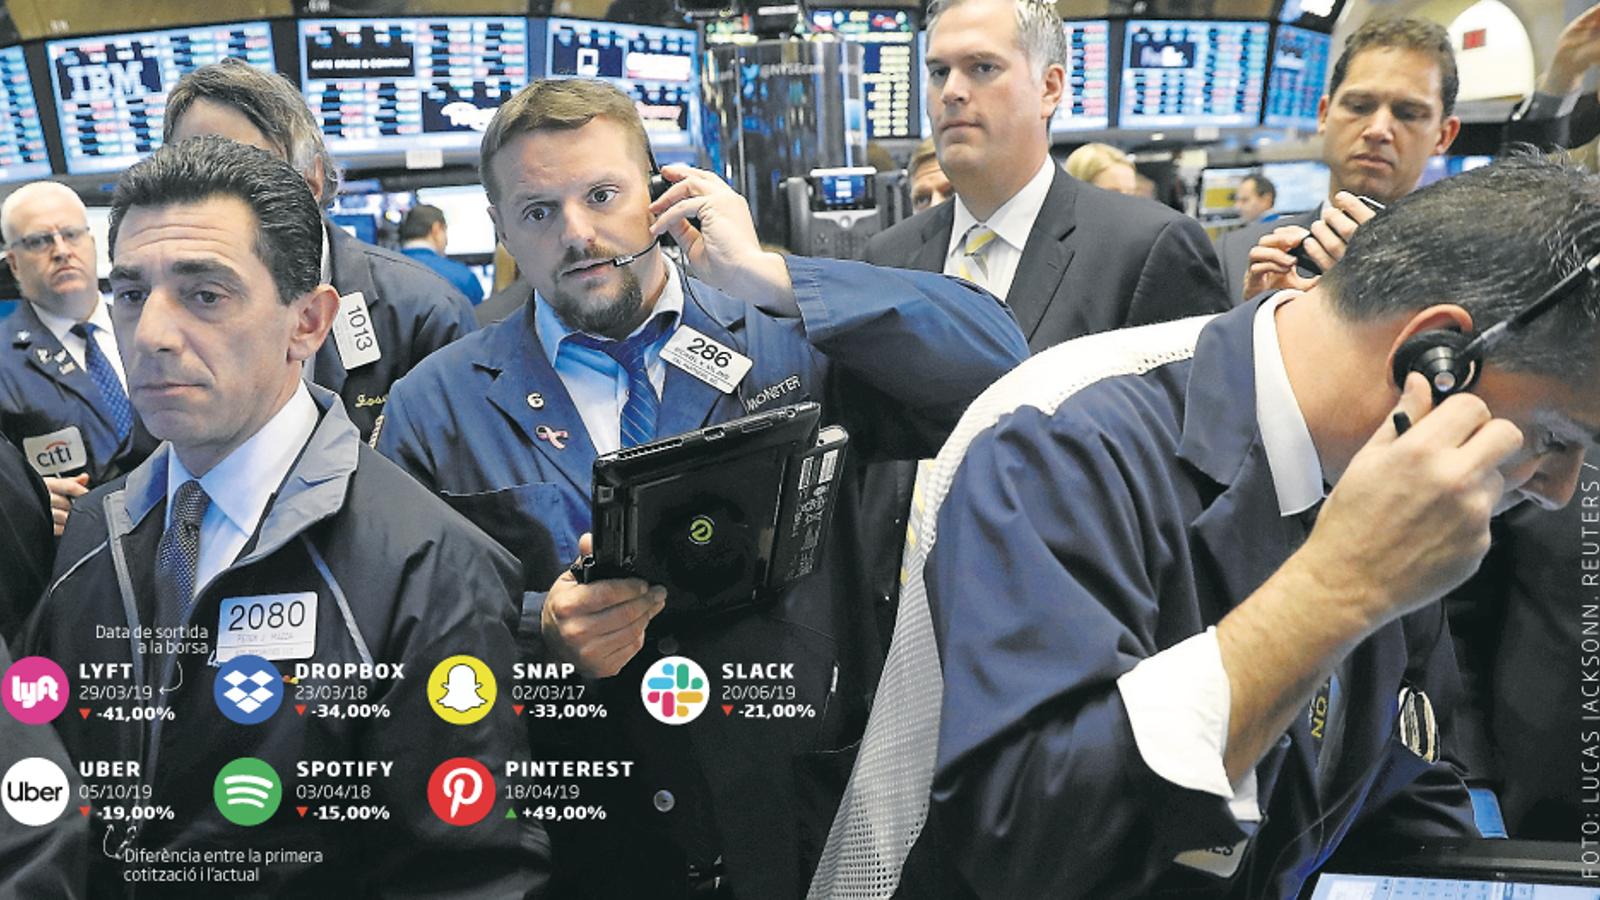 Els 'unicorns' sense guanys s'instal·len a Wall Street